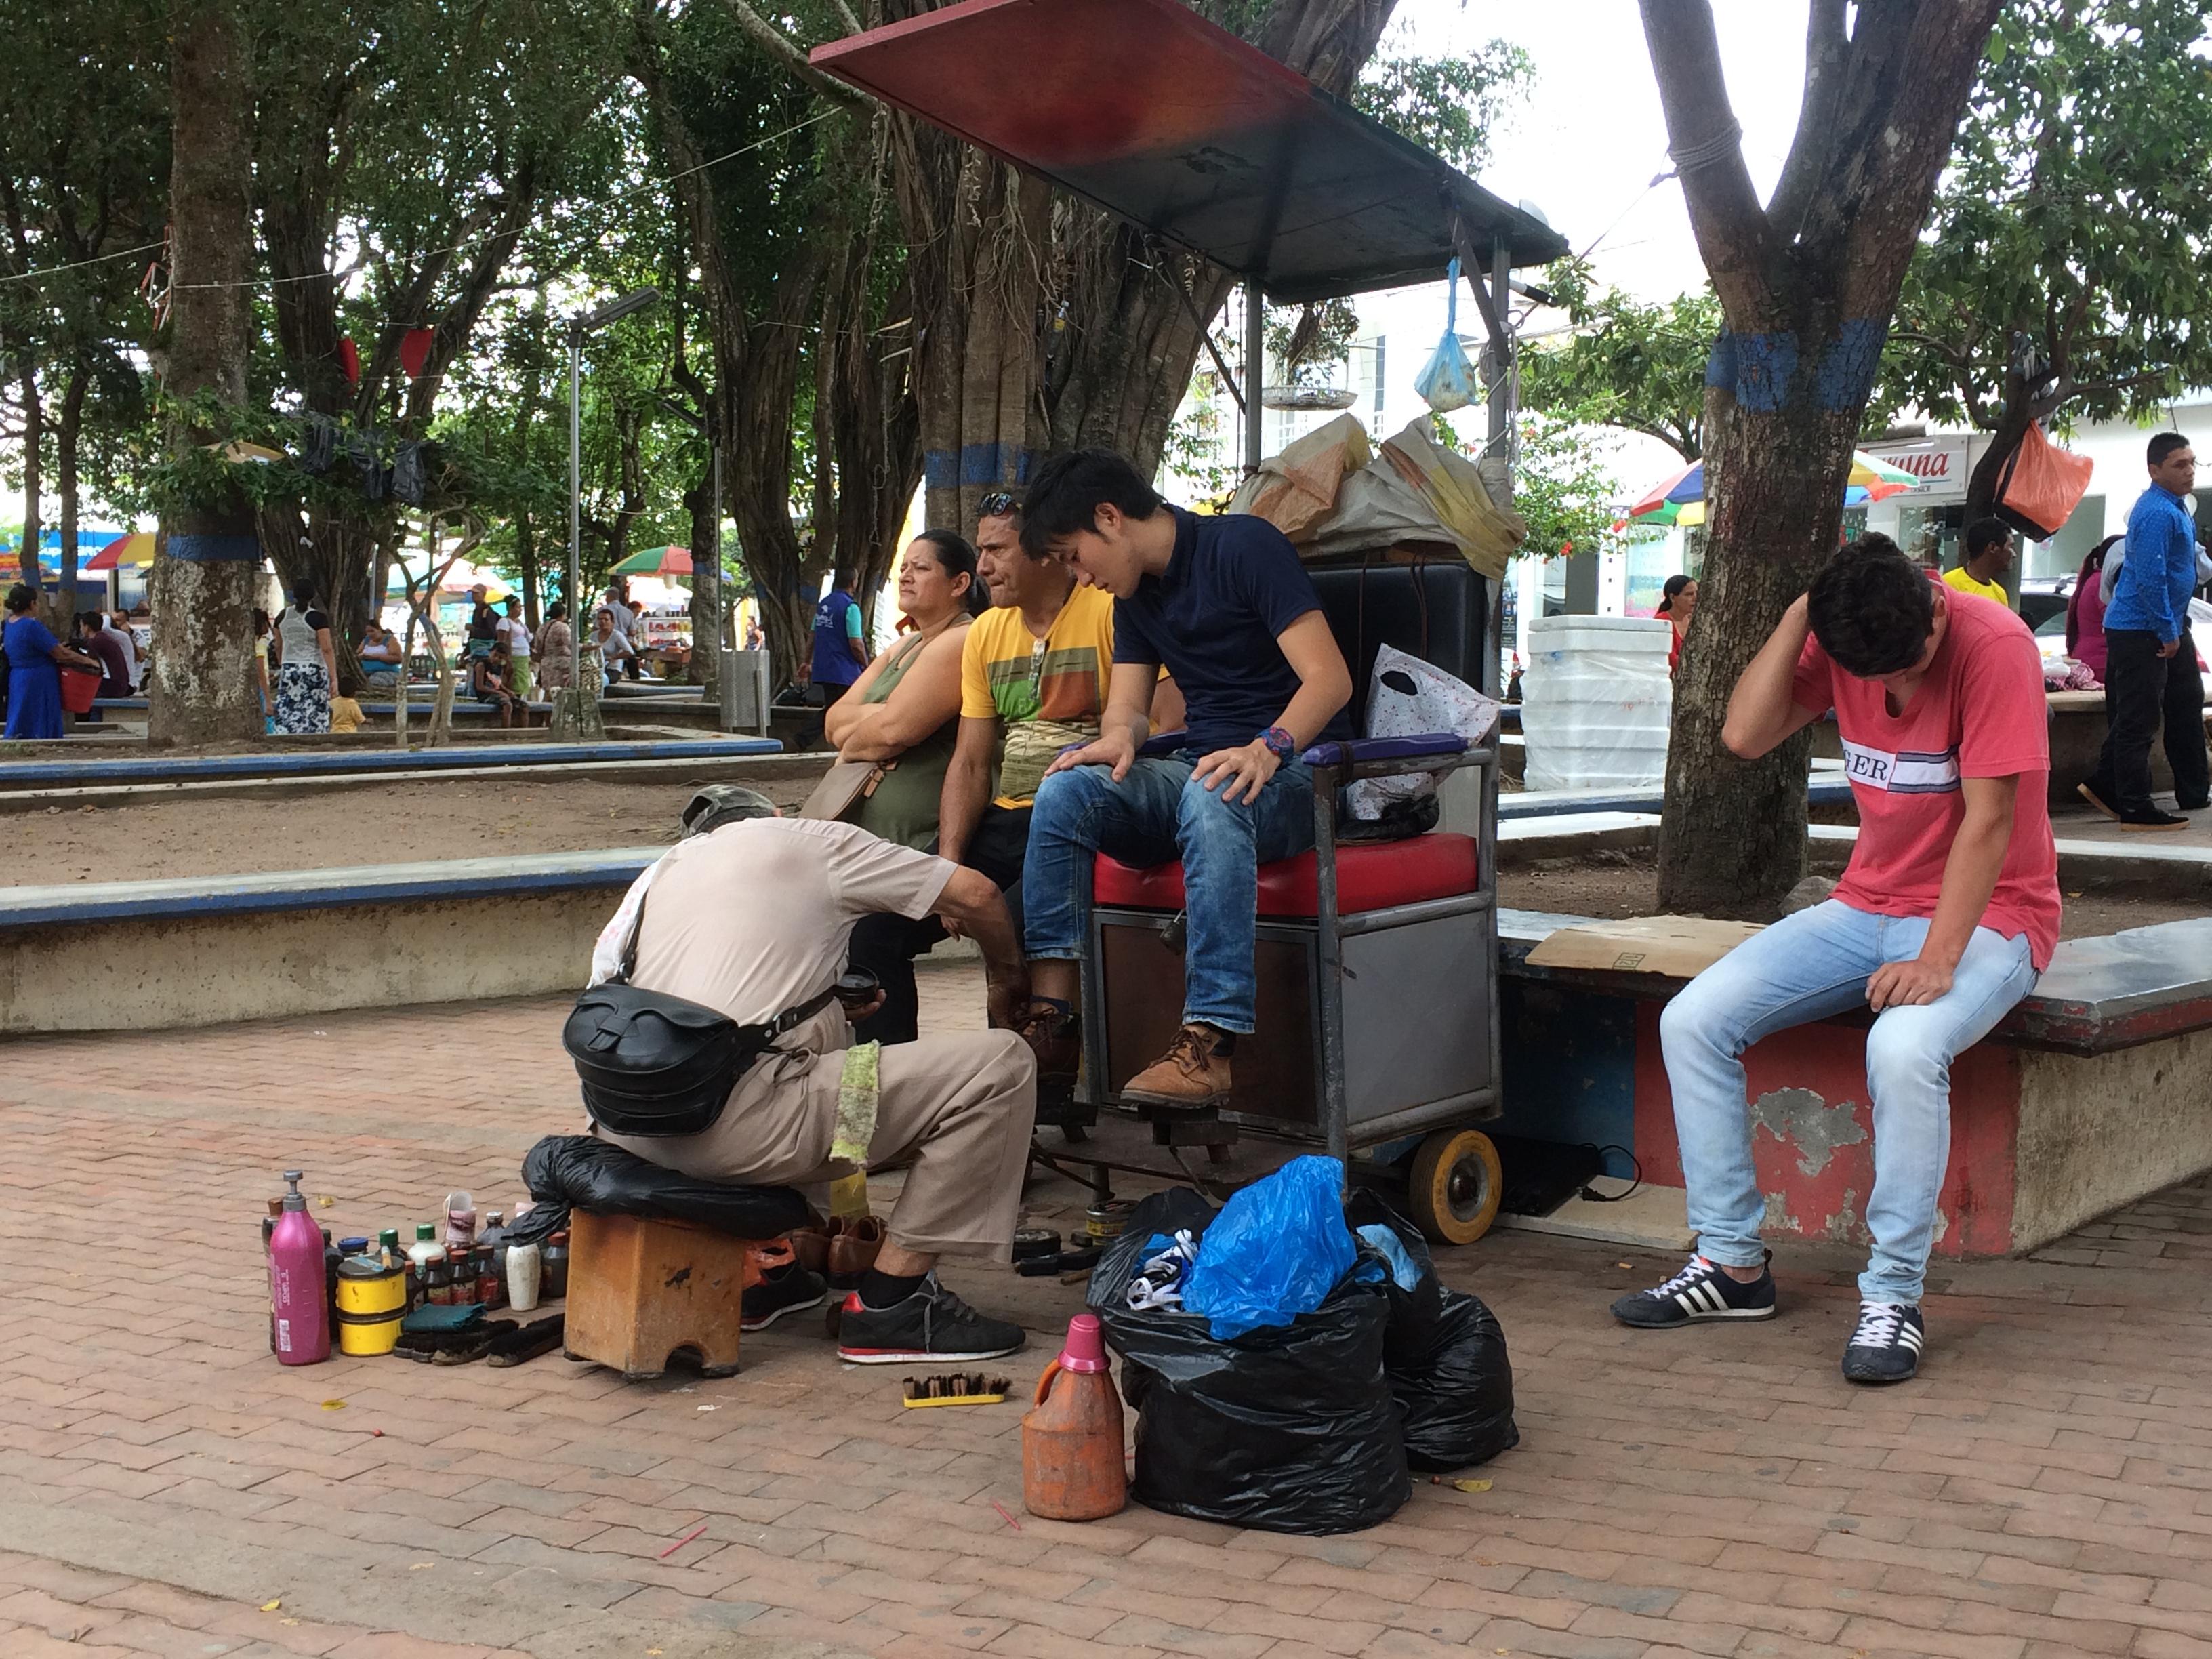 ペルーで出逢った真面目な物売りの子:決して料金以上のお金は受け取らなかった